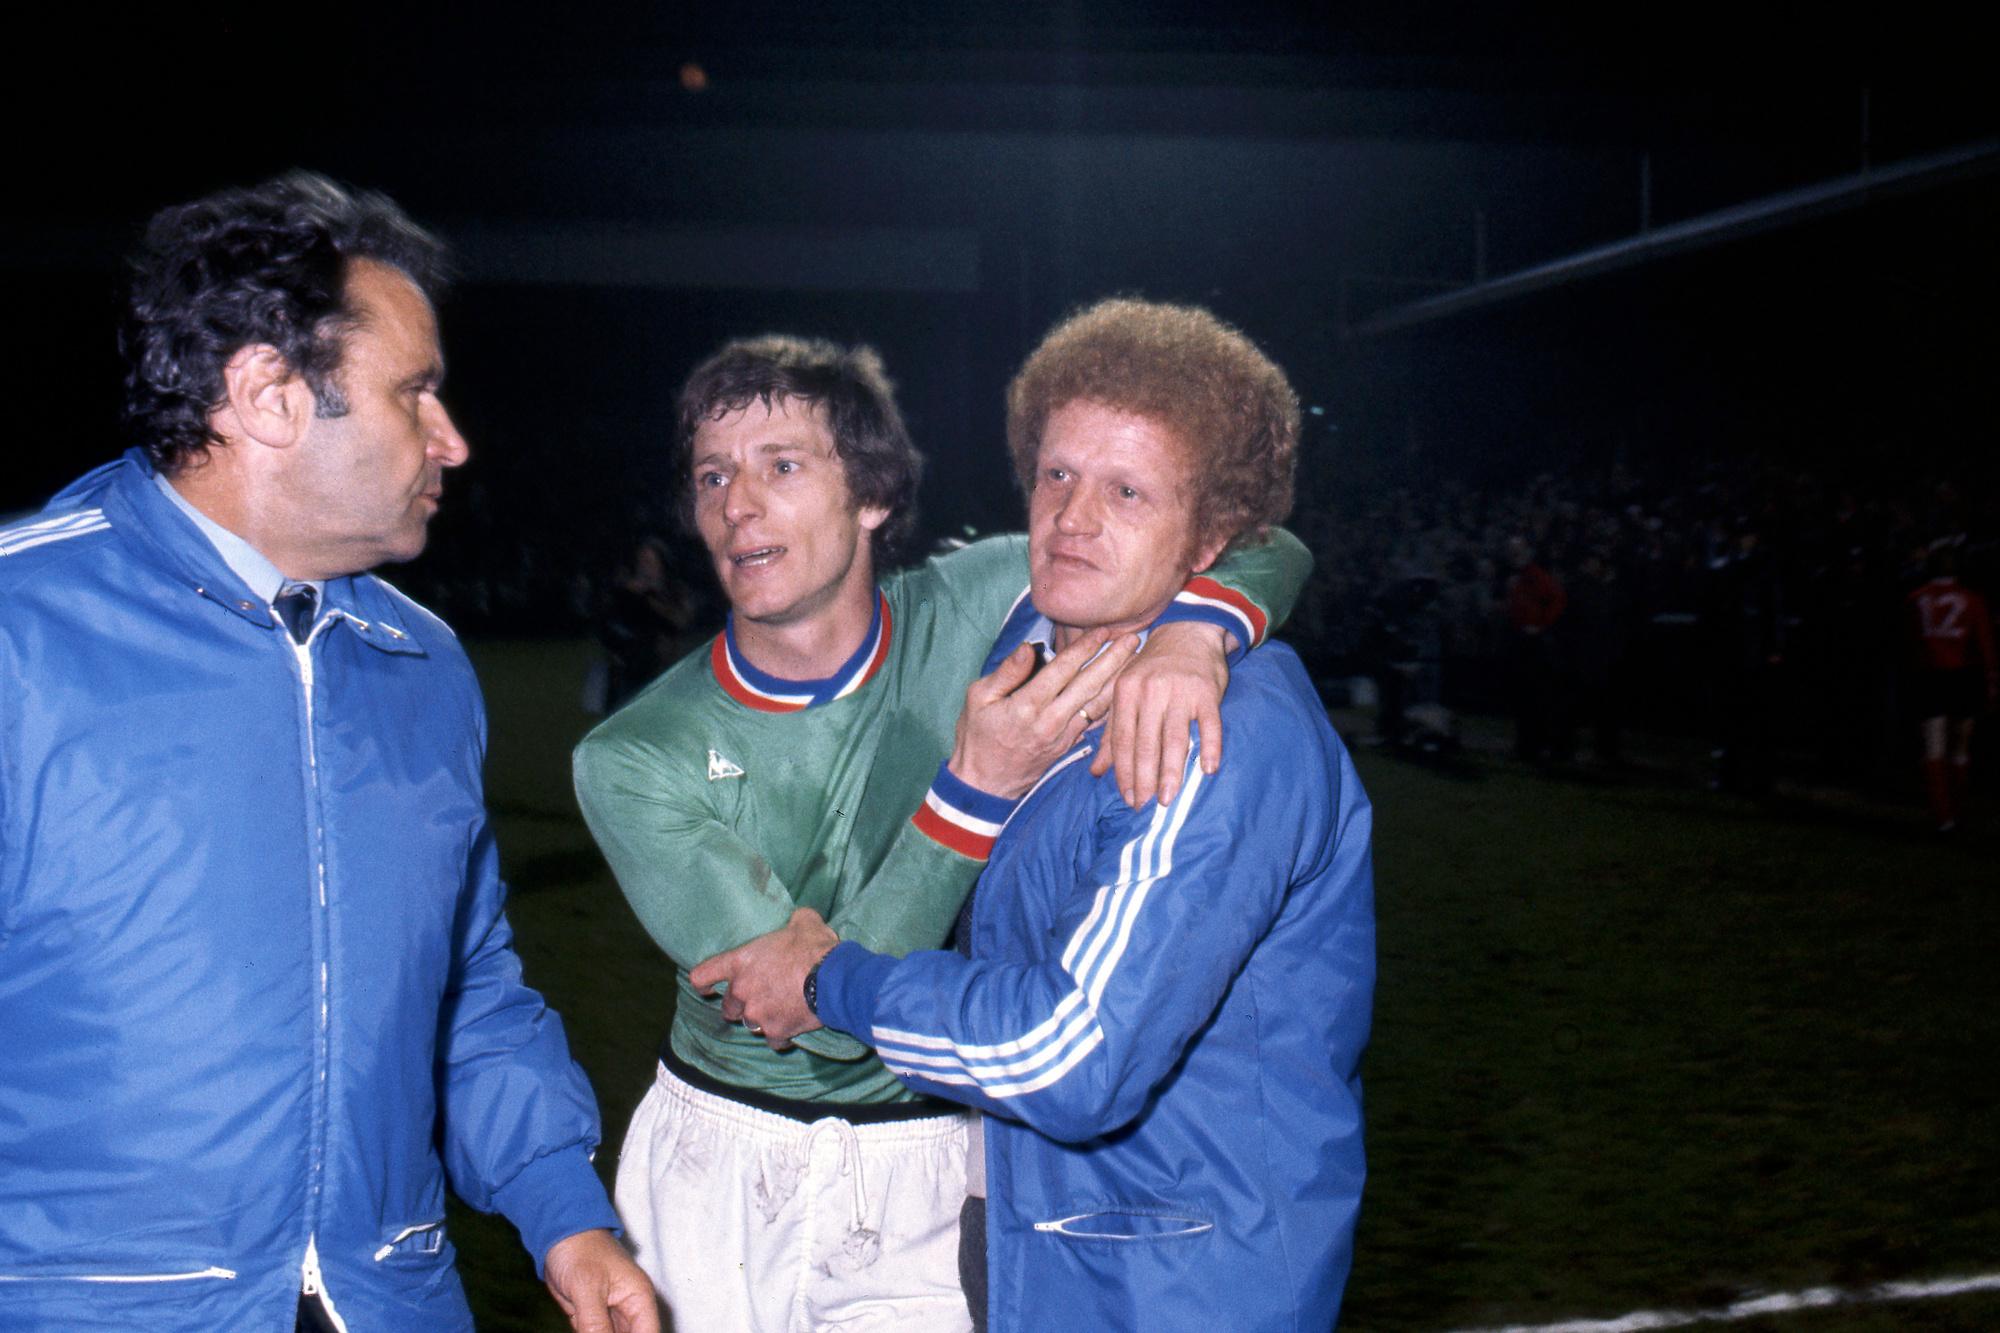 Jean-Michel Larqué dans les bras de son entraîneur, Robert Herbin., belga